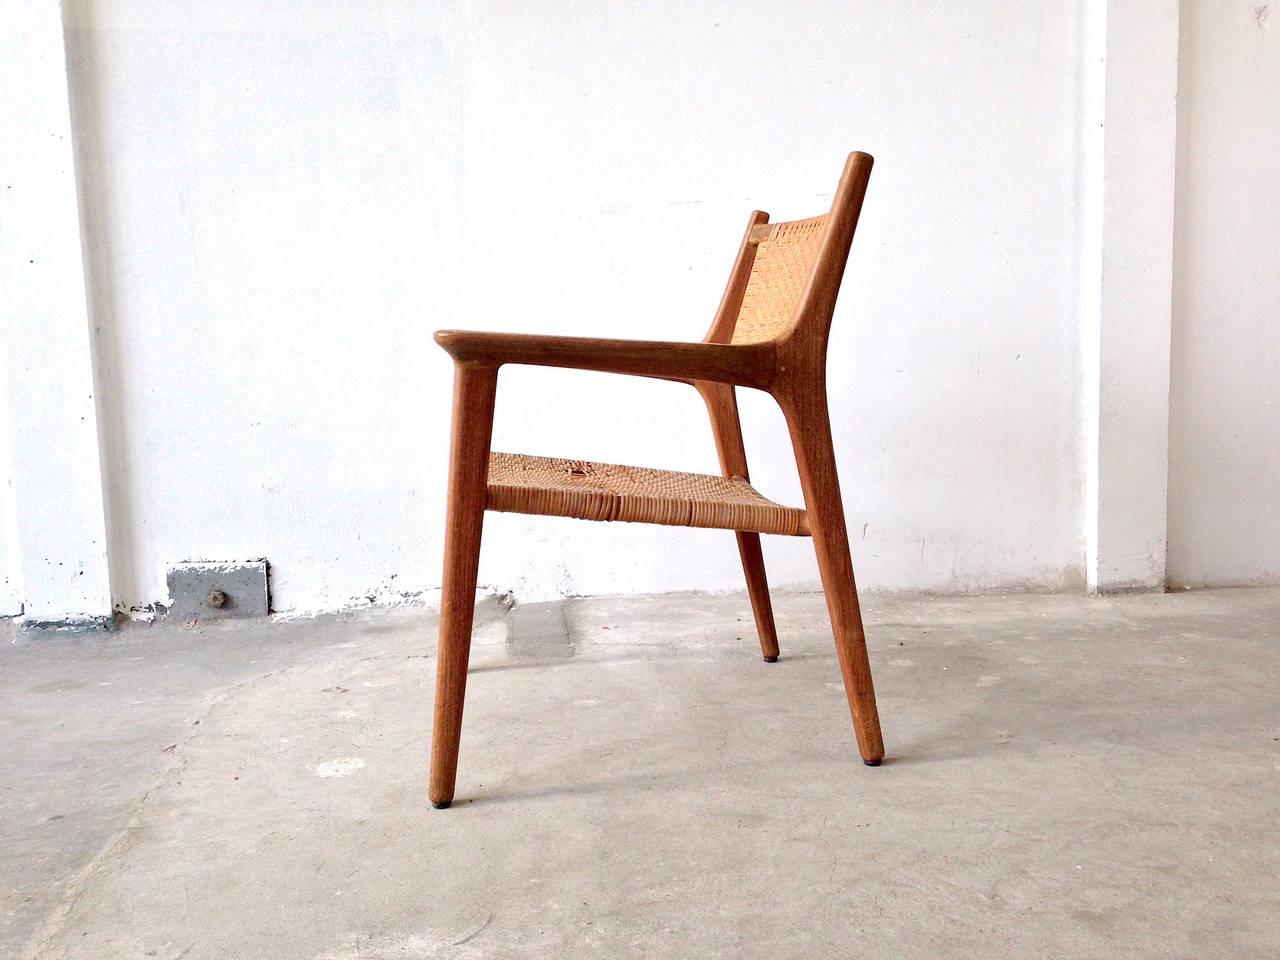 cane easy chair director covers spotlight hans j wegner for johannes hansen teak